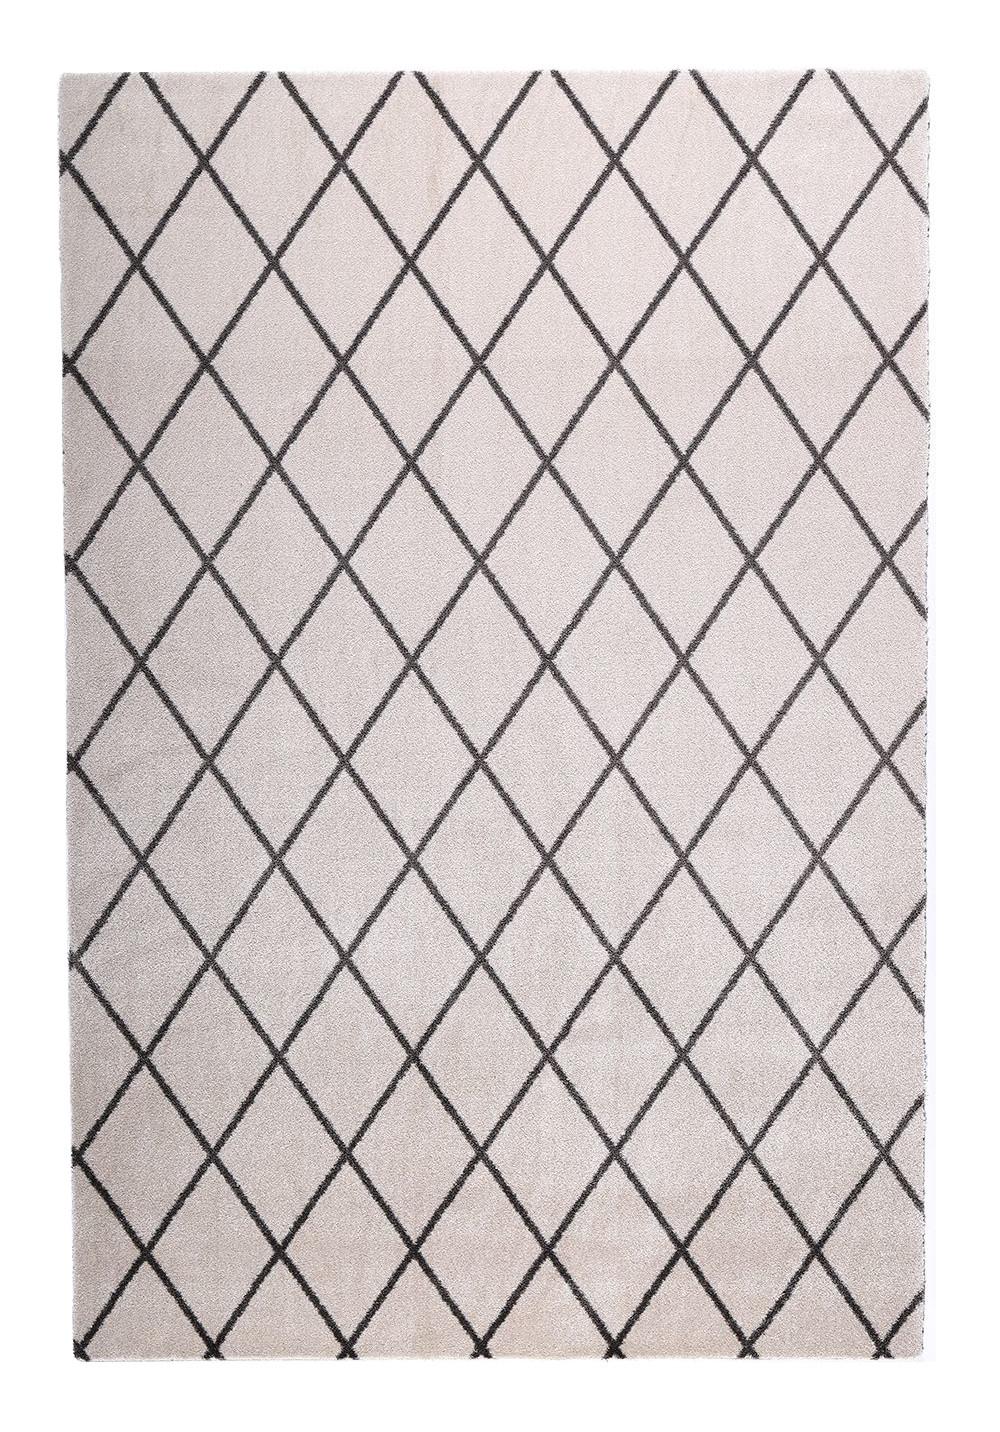 VM Carpet Salmiakki matto 05 beige-brown